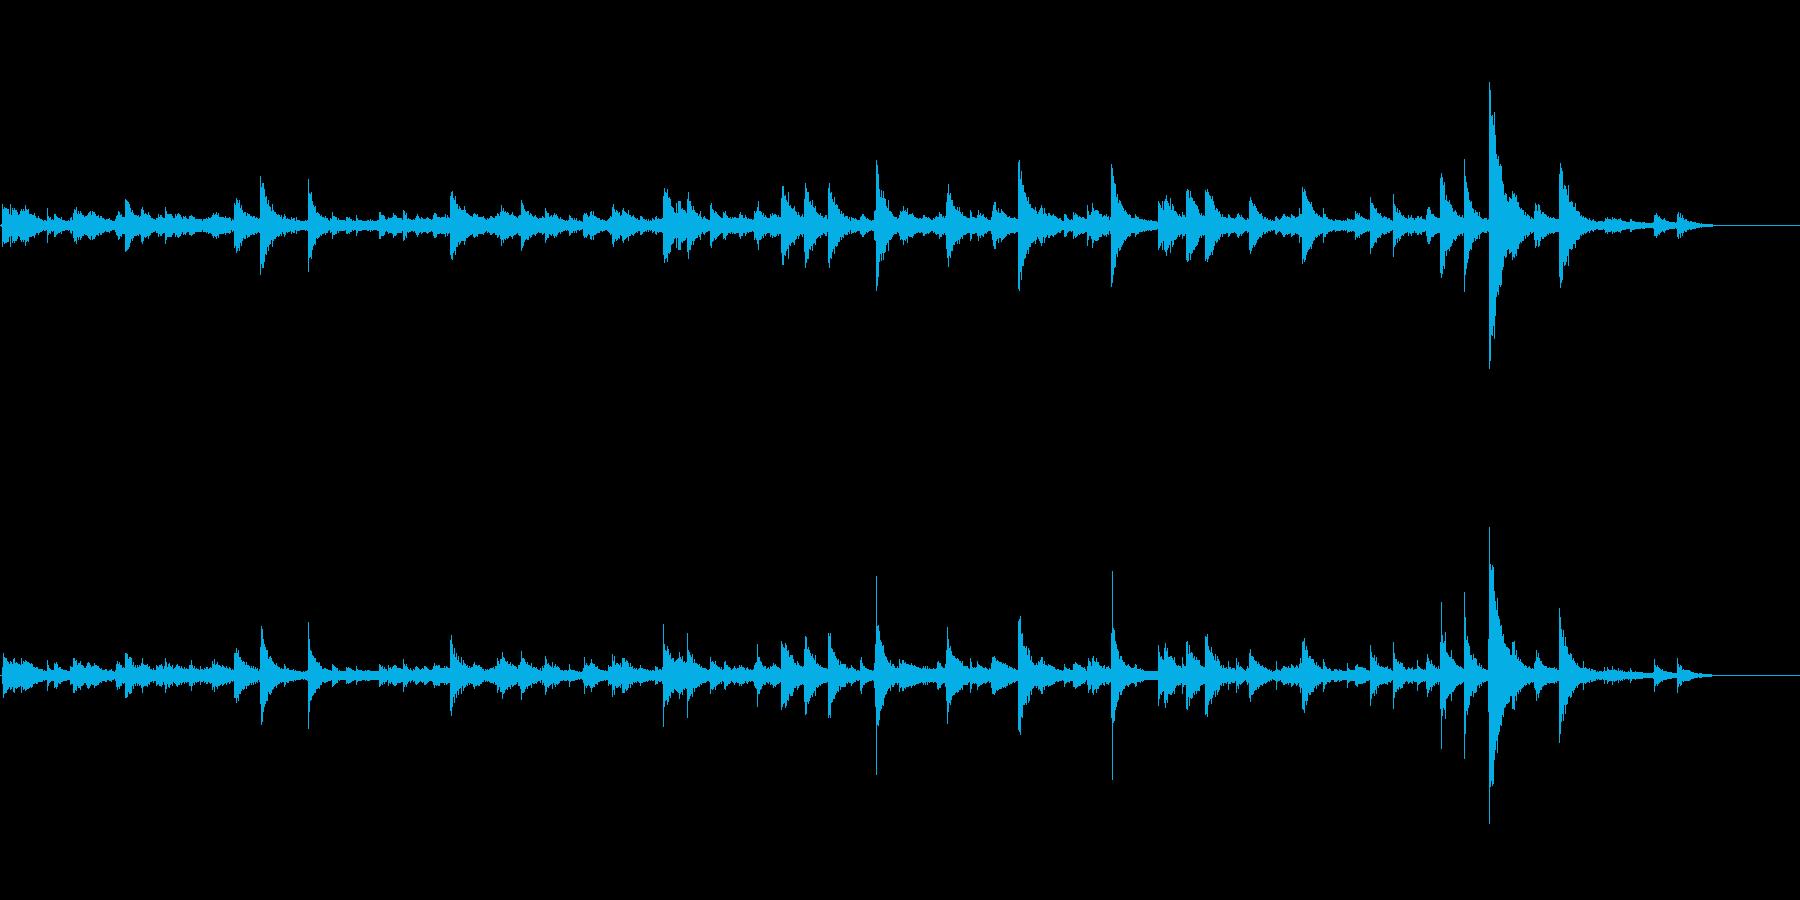 金属質な雰囲気のノイズ環境音の再生済みの波形